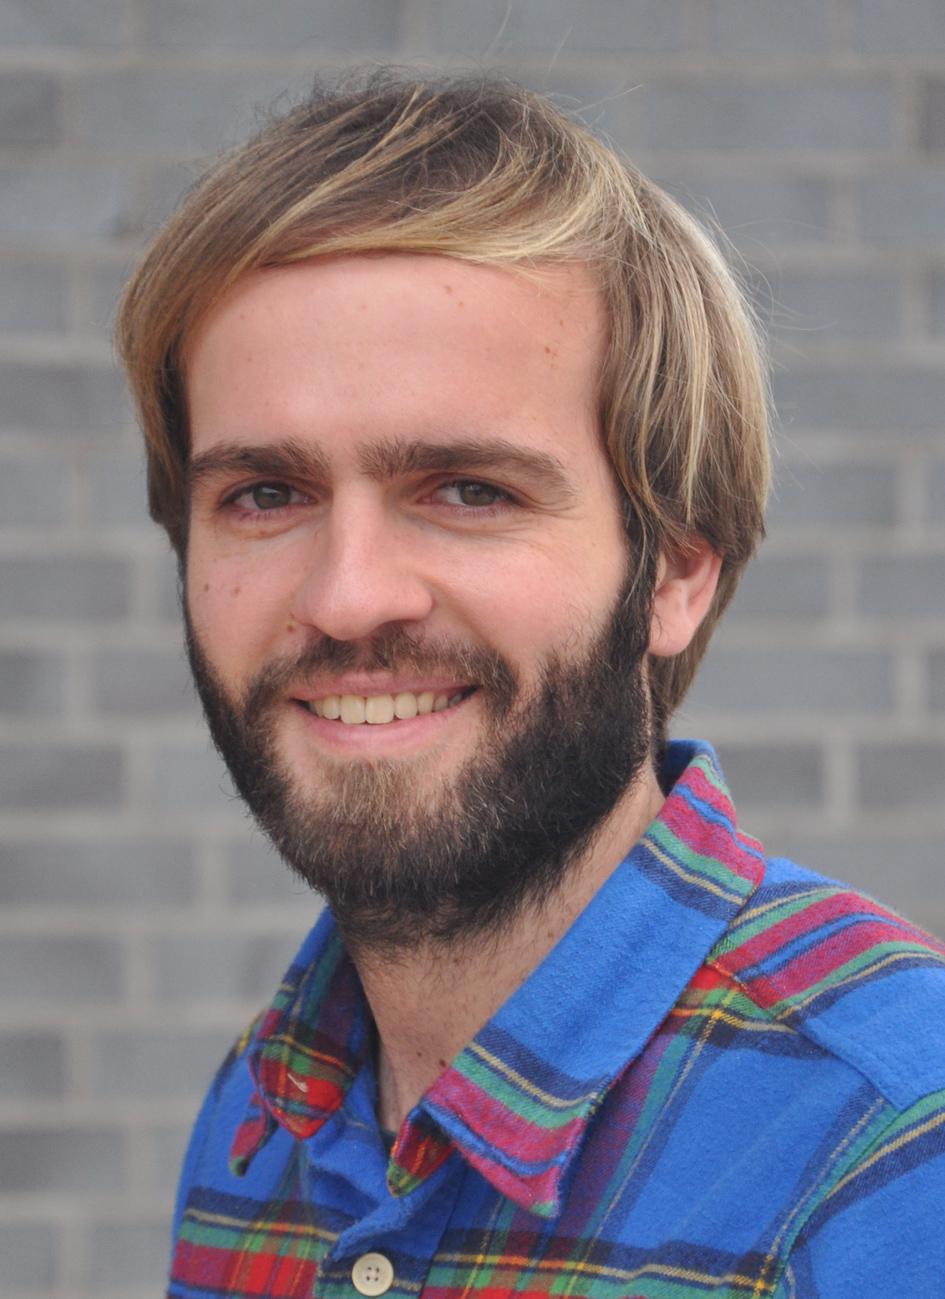 Patrick Faubert